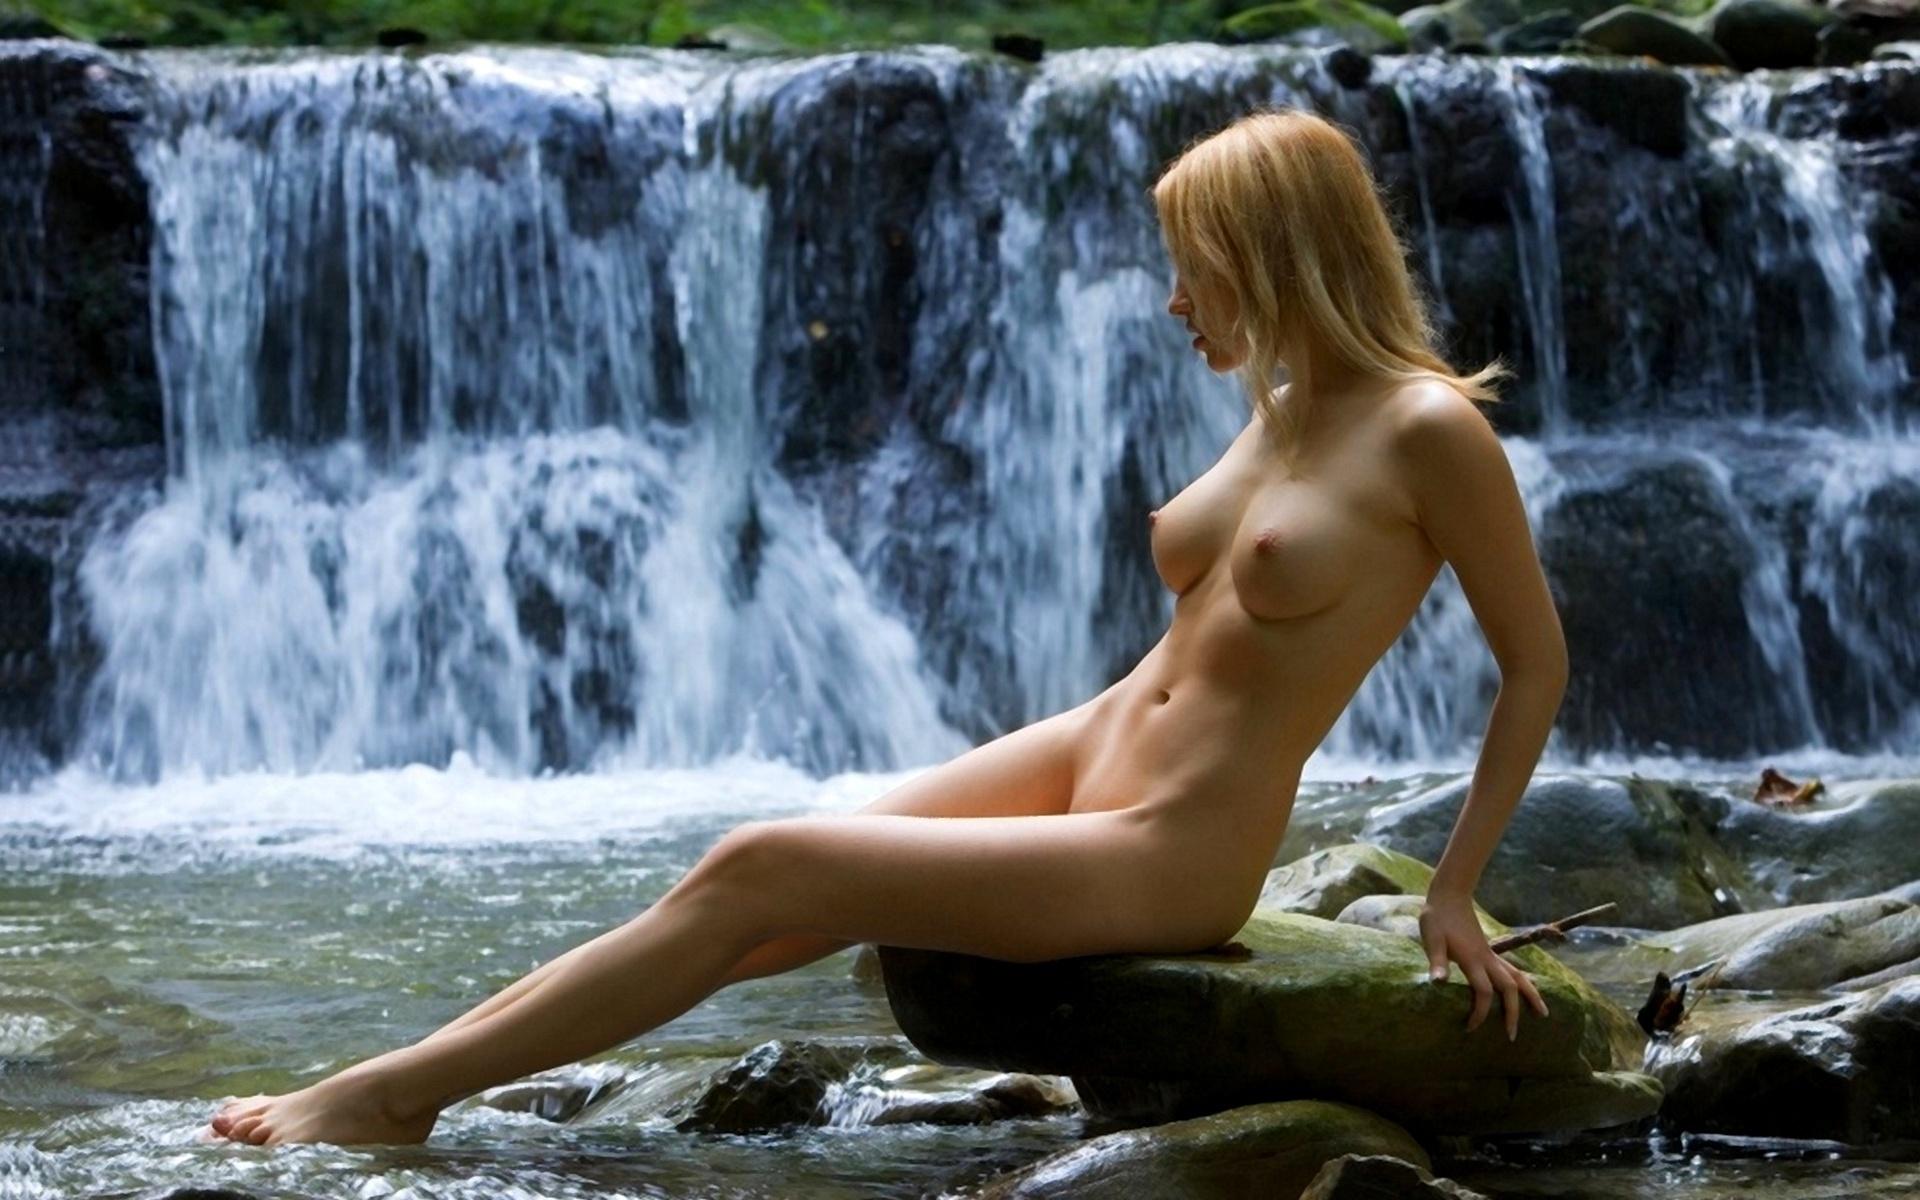 Фото девушек онанисток, Порно мастурбация фото - секс 18 фотография